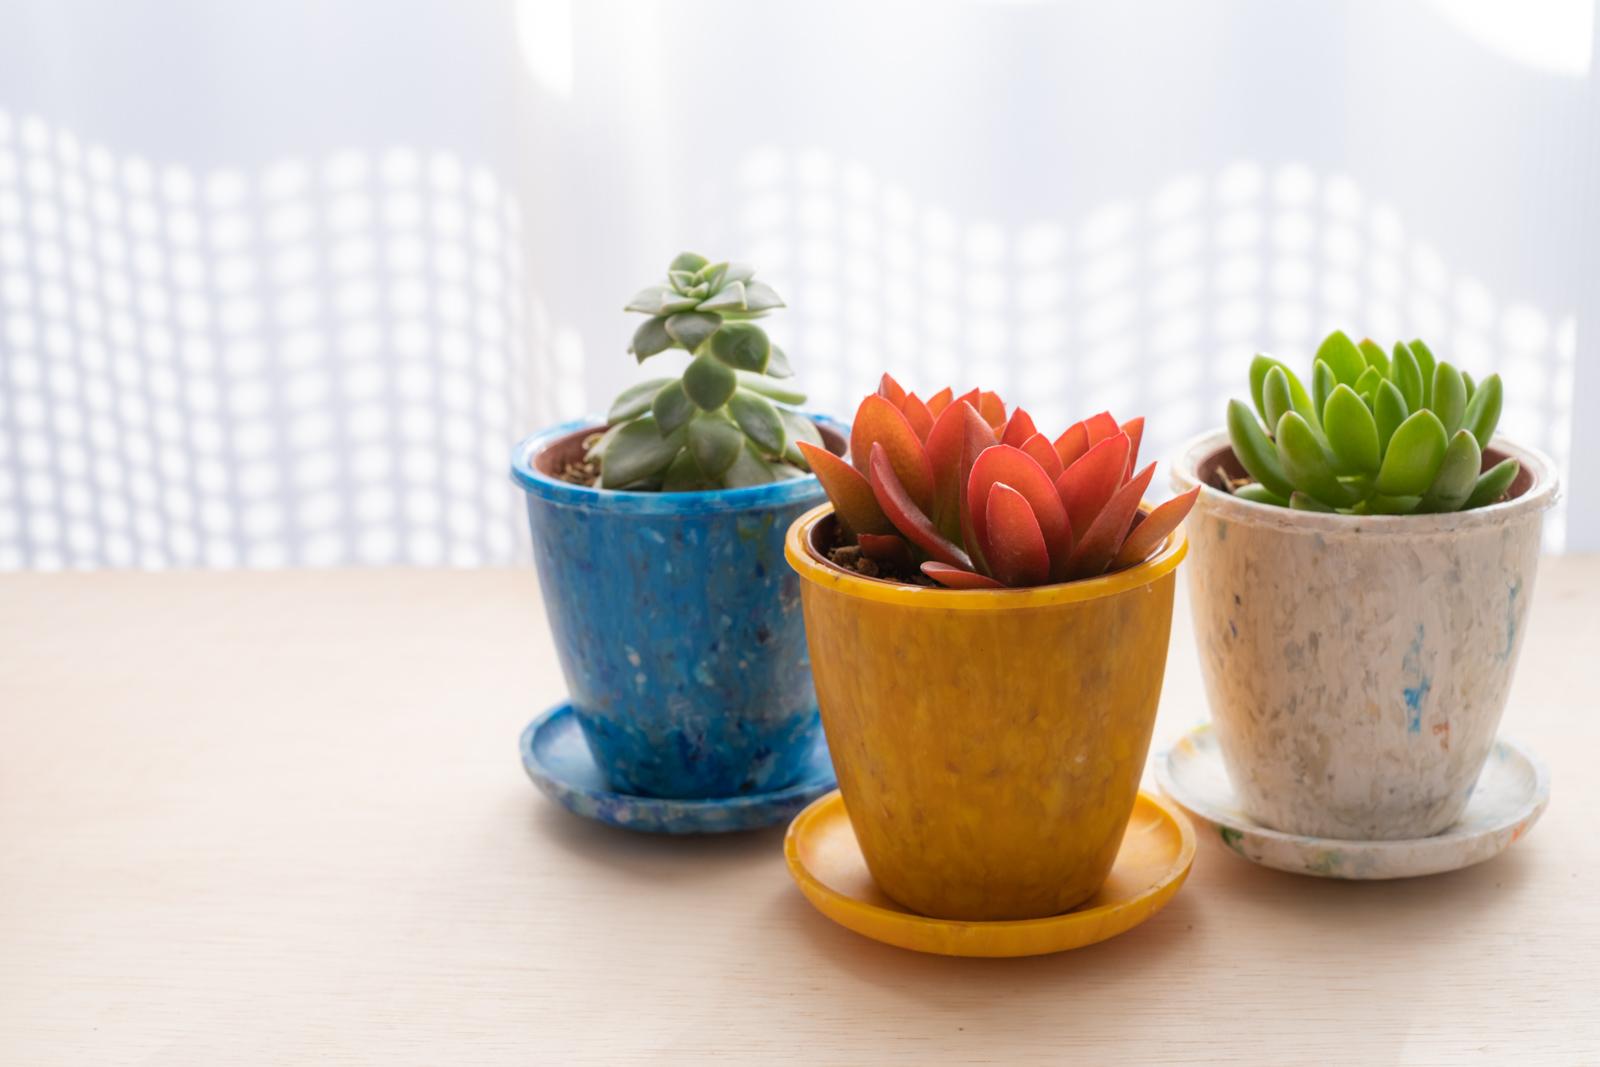 海洋プラスチックごみから生まれた植木鉢「buøy プランツポット」